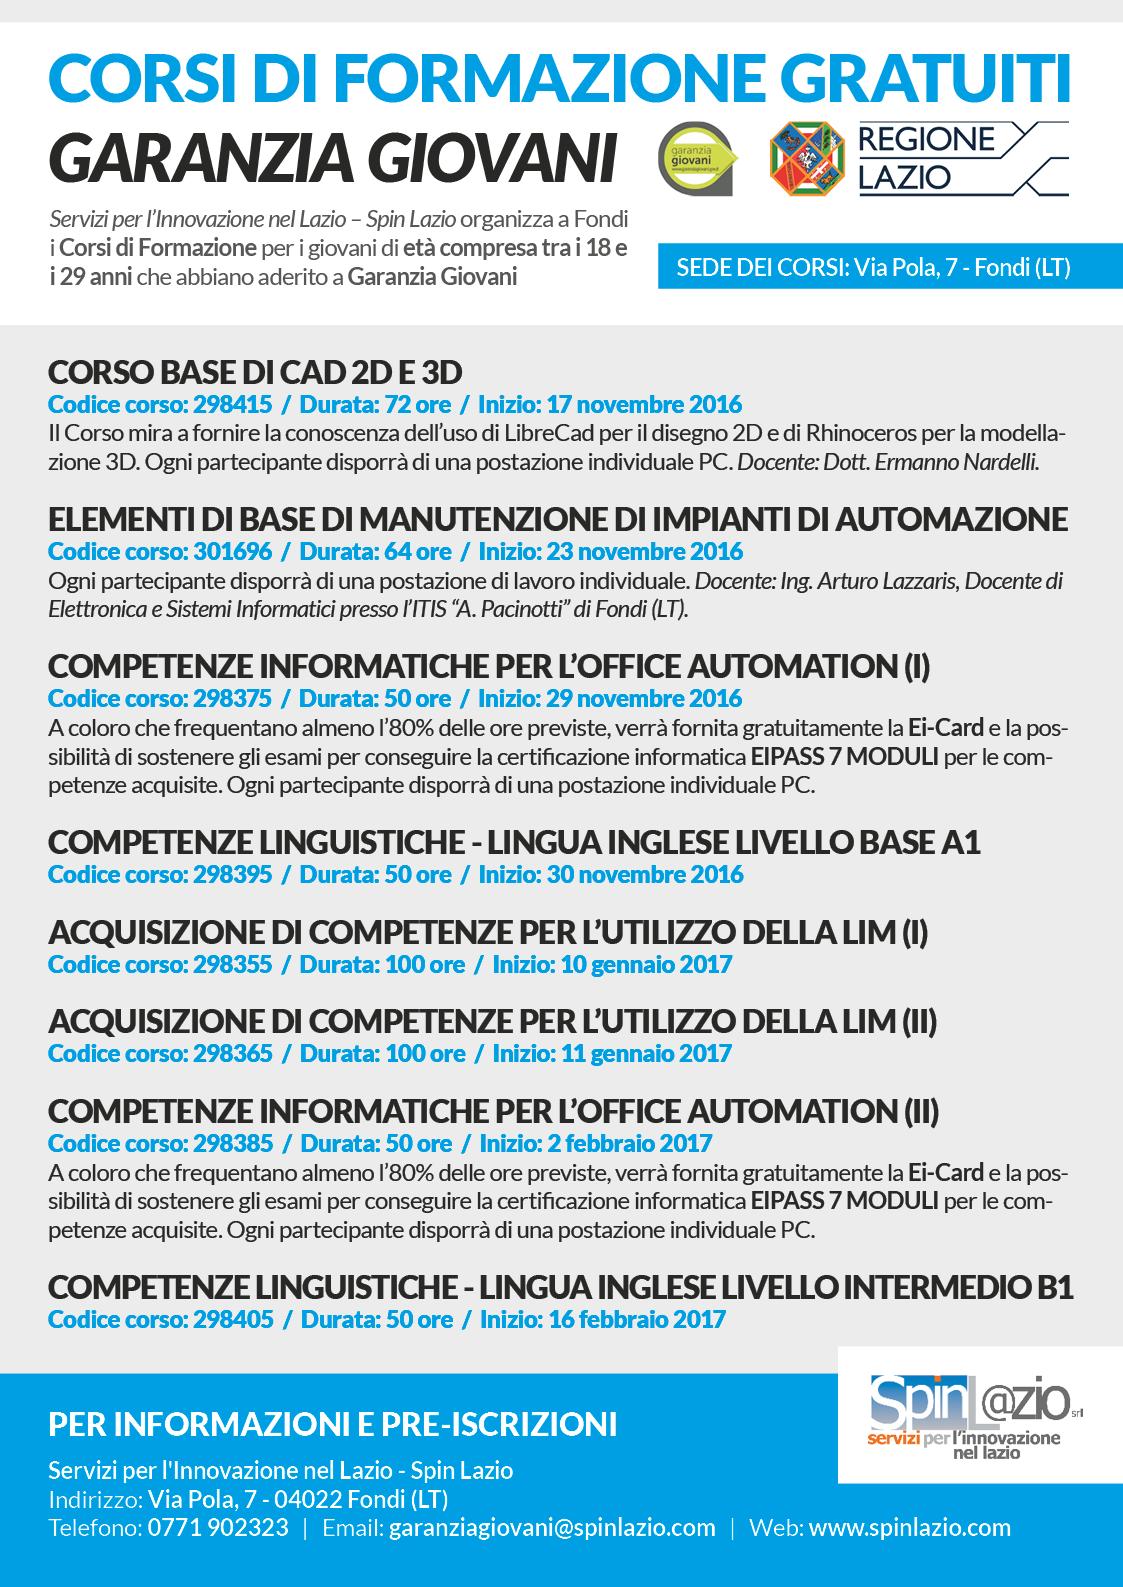 Spin Lazio - Corsi Garanzia Giovani 2016 - locandina web